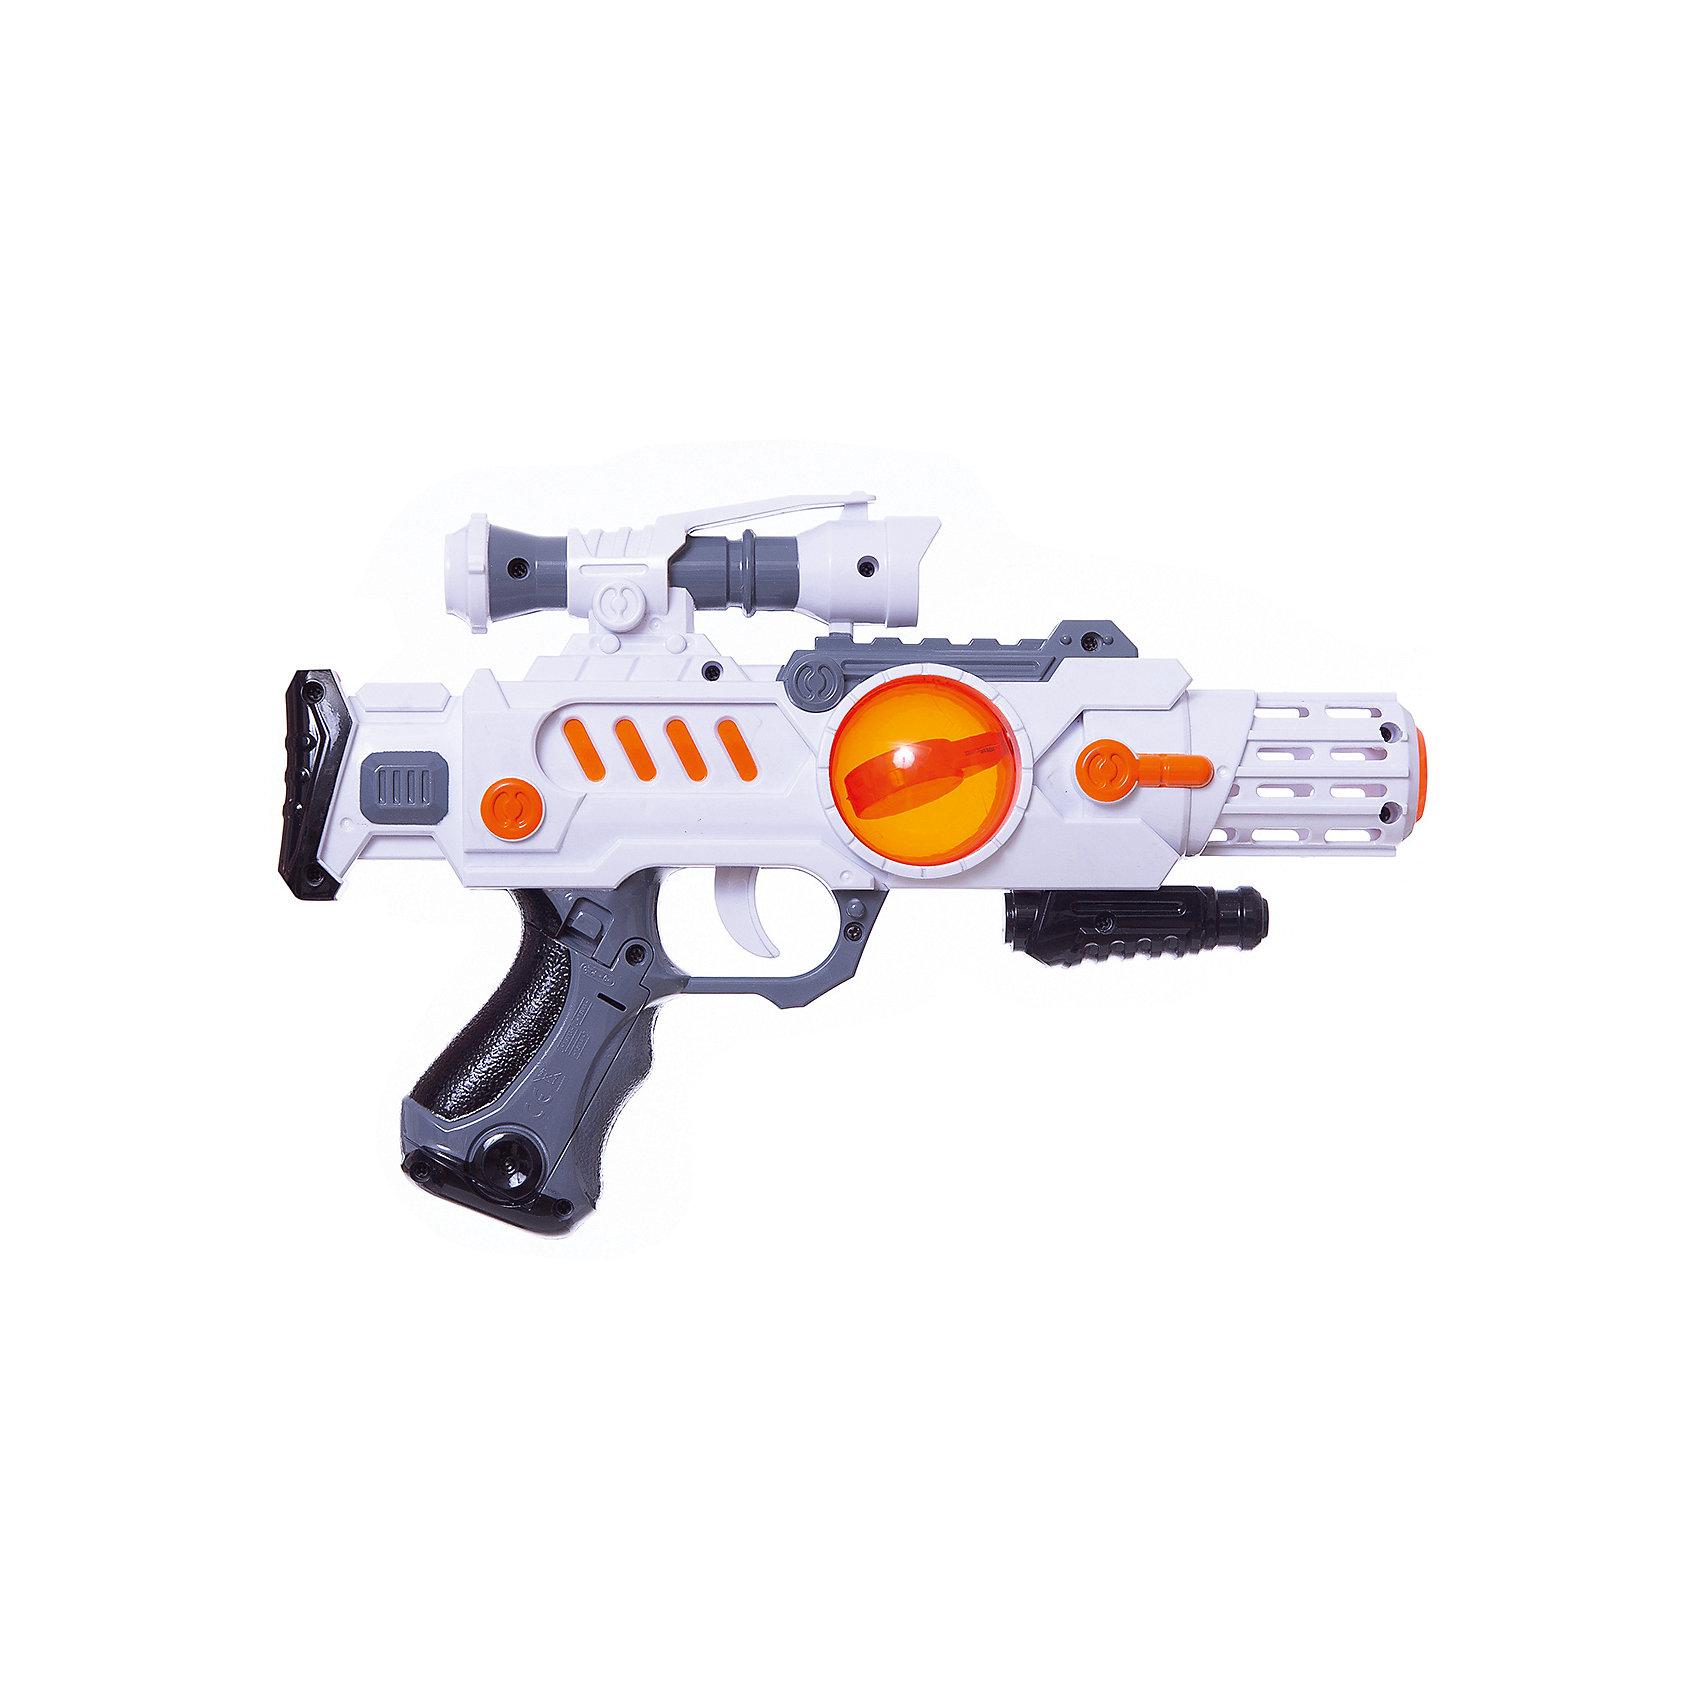 Бластер Звёздный воин, Mioshi ArmyБластеры, пистолеты и прочее<br>Характеристики товара:<br><br>• возраст от 3 лет;<br>• материал: пластик;<br>• в комплекте: бластер;<br>• работает от 3 батареек АА (в комплект не входят);<br>• размер упаковки 35,5х23х6 см;<br>• вес упаковки 292 гр.;<br>• страна производитель: Китай.<br><br>Бластер «Звездный воин» Mioshi Army позволит мальчишкам устроить импровизированные космические сражения. Во время игры бластер светится и издает звуки выстрелов, что делает игру еще увлекательней. Игрушка изготовлена из качественных прочных материалов, безопасных для детей.<br><br>Бластер «Звездный воин» Mioshi Army можно приобрести в нашем интернет-магазине.<br><br>Ширина мм: 355<br>Глубина мм: 230<br>Высота мм: 60<br>Вес г: 292<br>Возраст от месяцев: 36<br>Возраст до месяцев: 72<br>Пол: Мужской<br>Возраст: Детский<br>SKU: 5581235